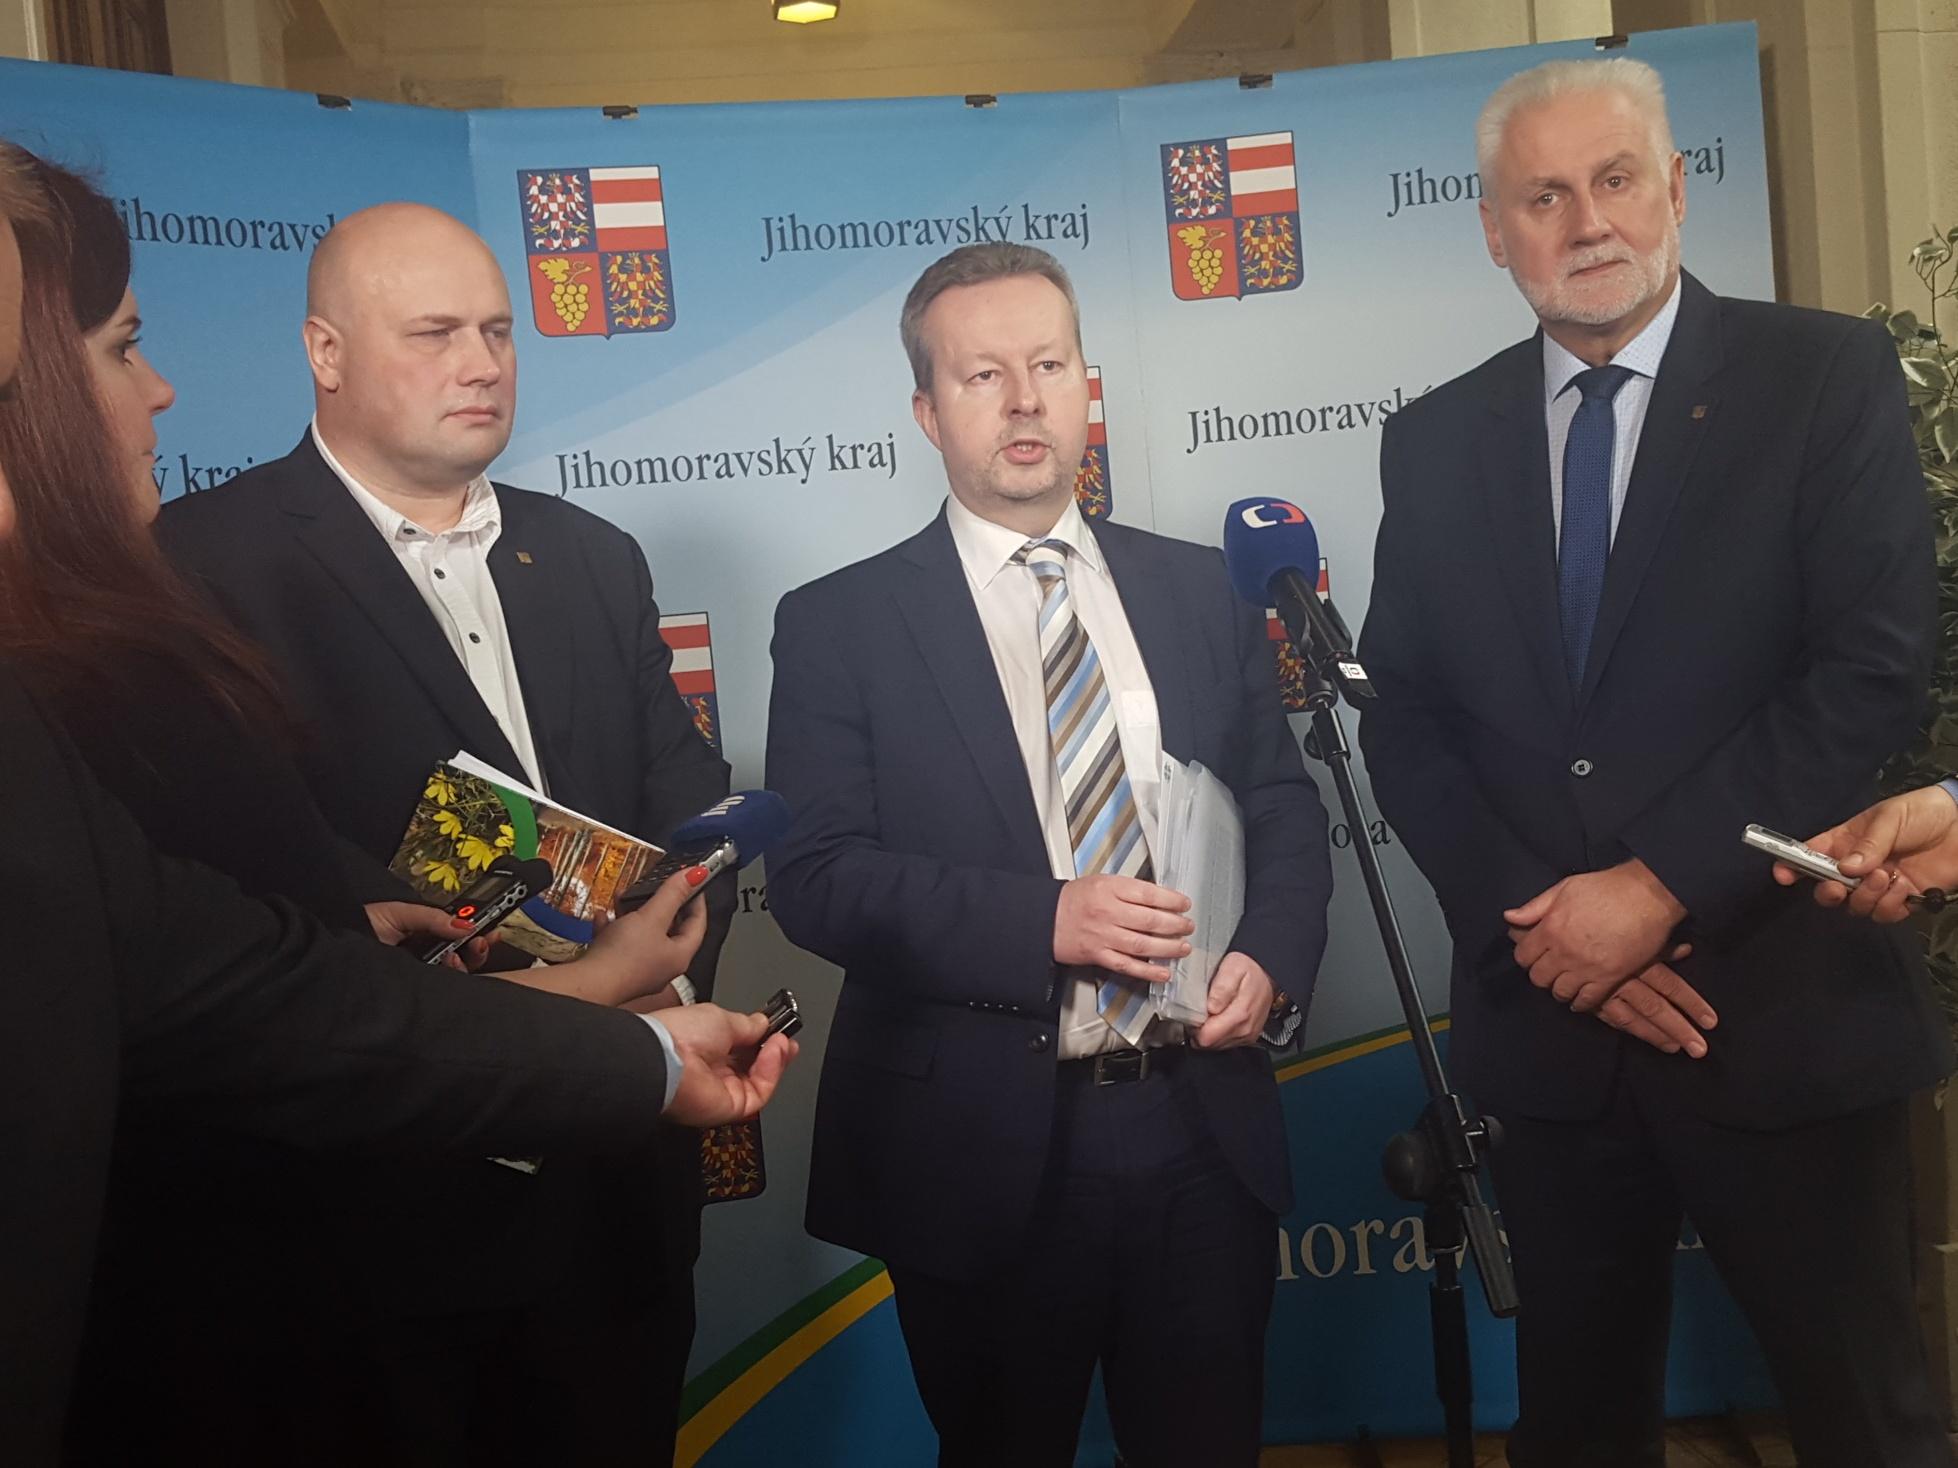 Kotlíkové dotace a boj proti suchu – hlavní priority ministra Brabce pro spolupráci s Jihomoravským krajem